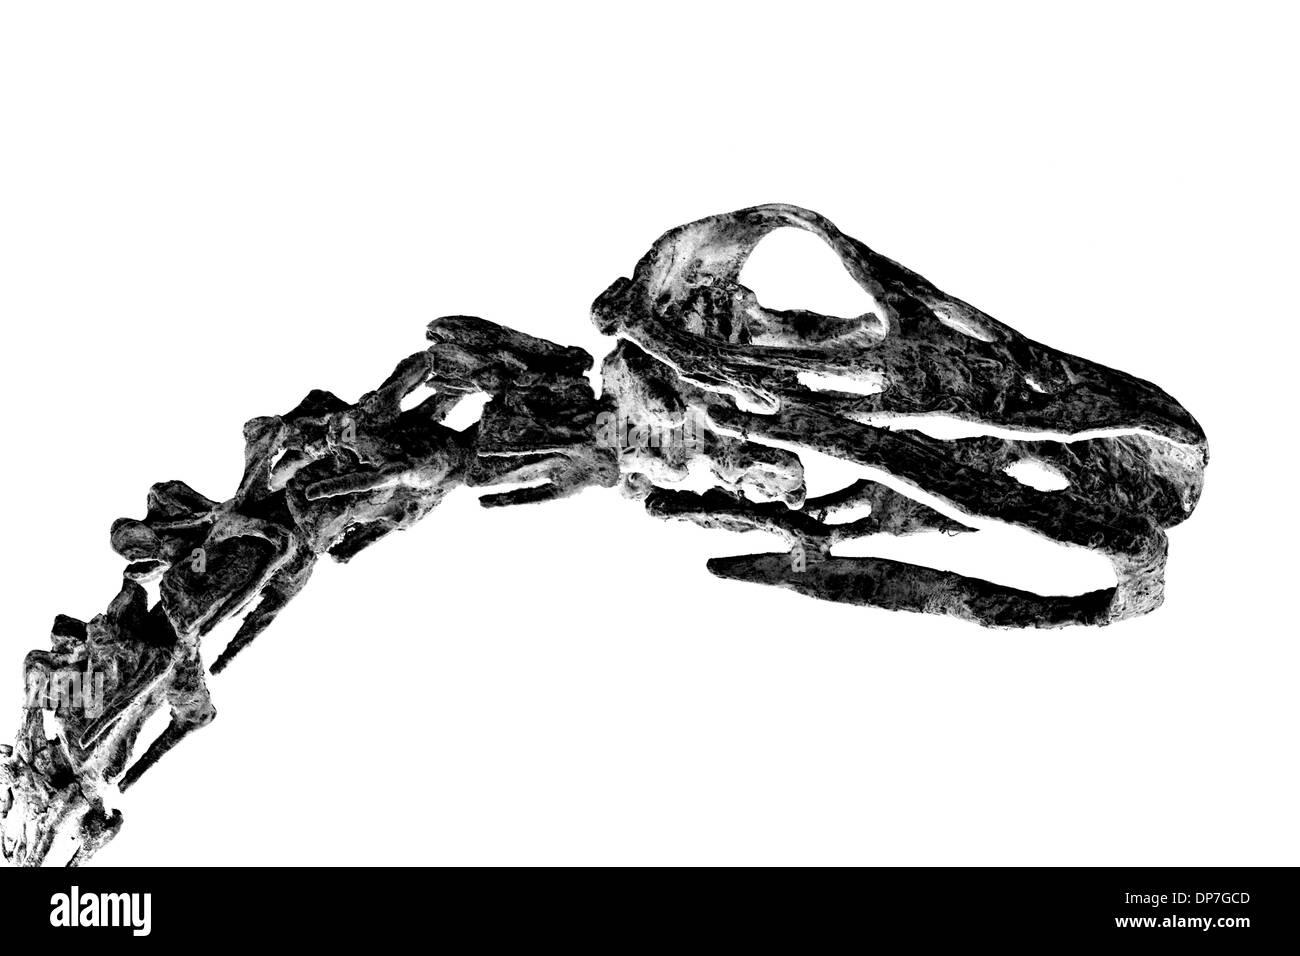 Fossilized dinosaur bones isolated on a white background - Stock Image